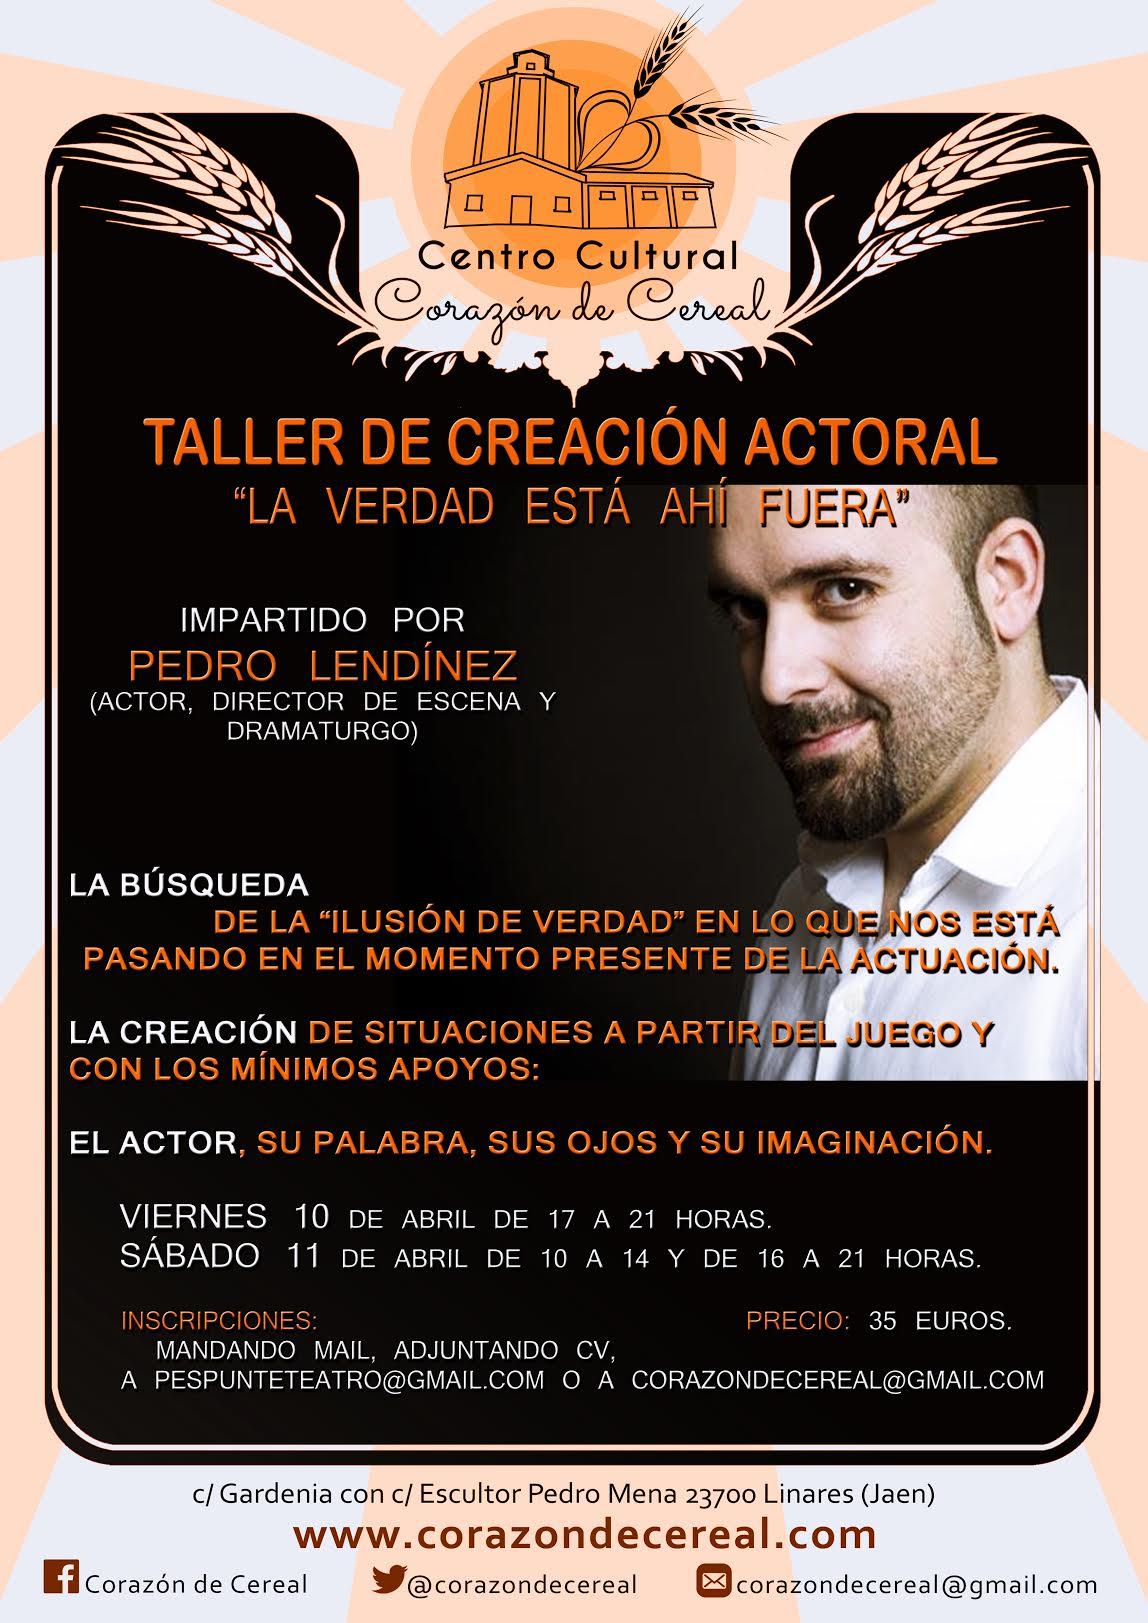 Taller de Creación Actoral